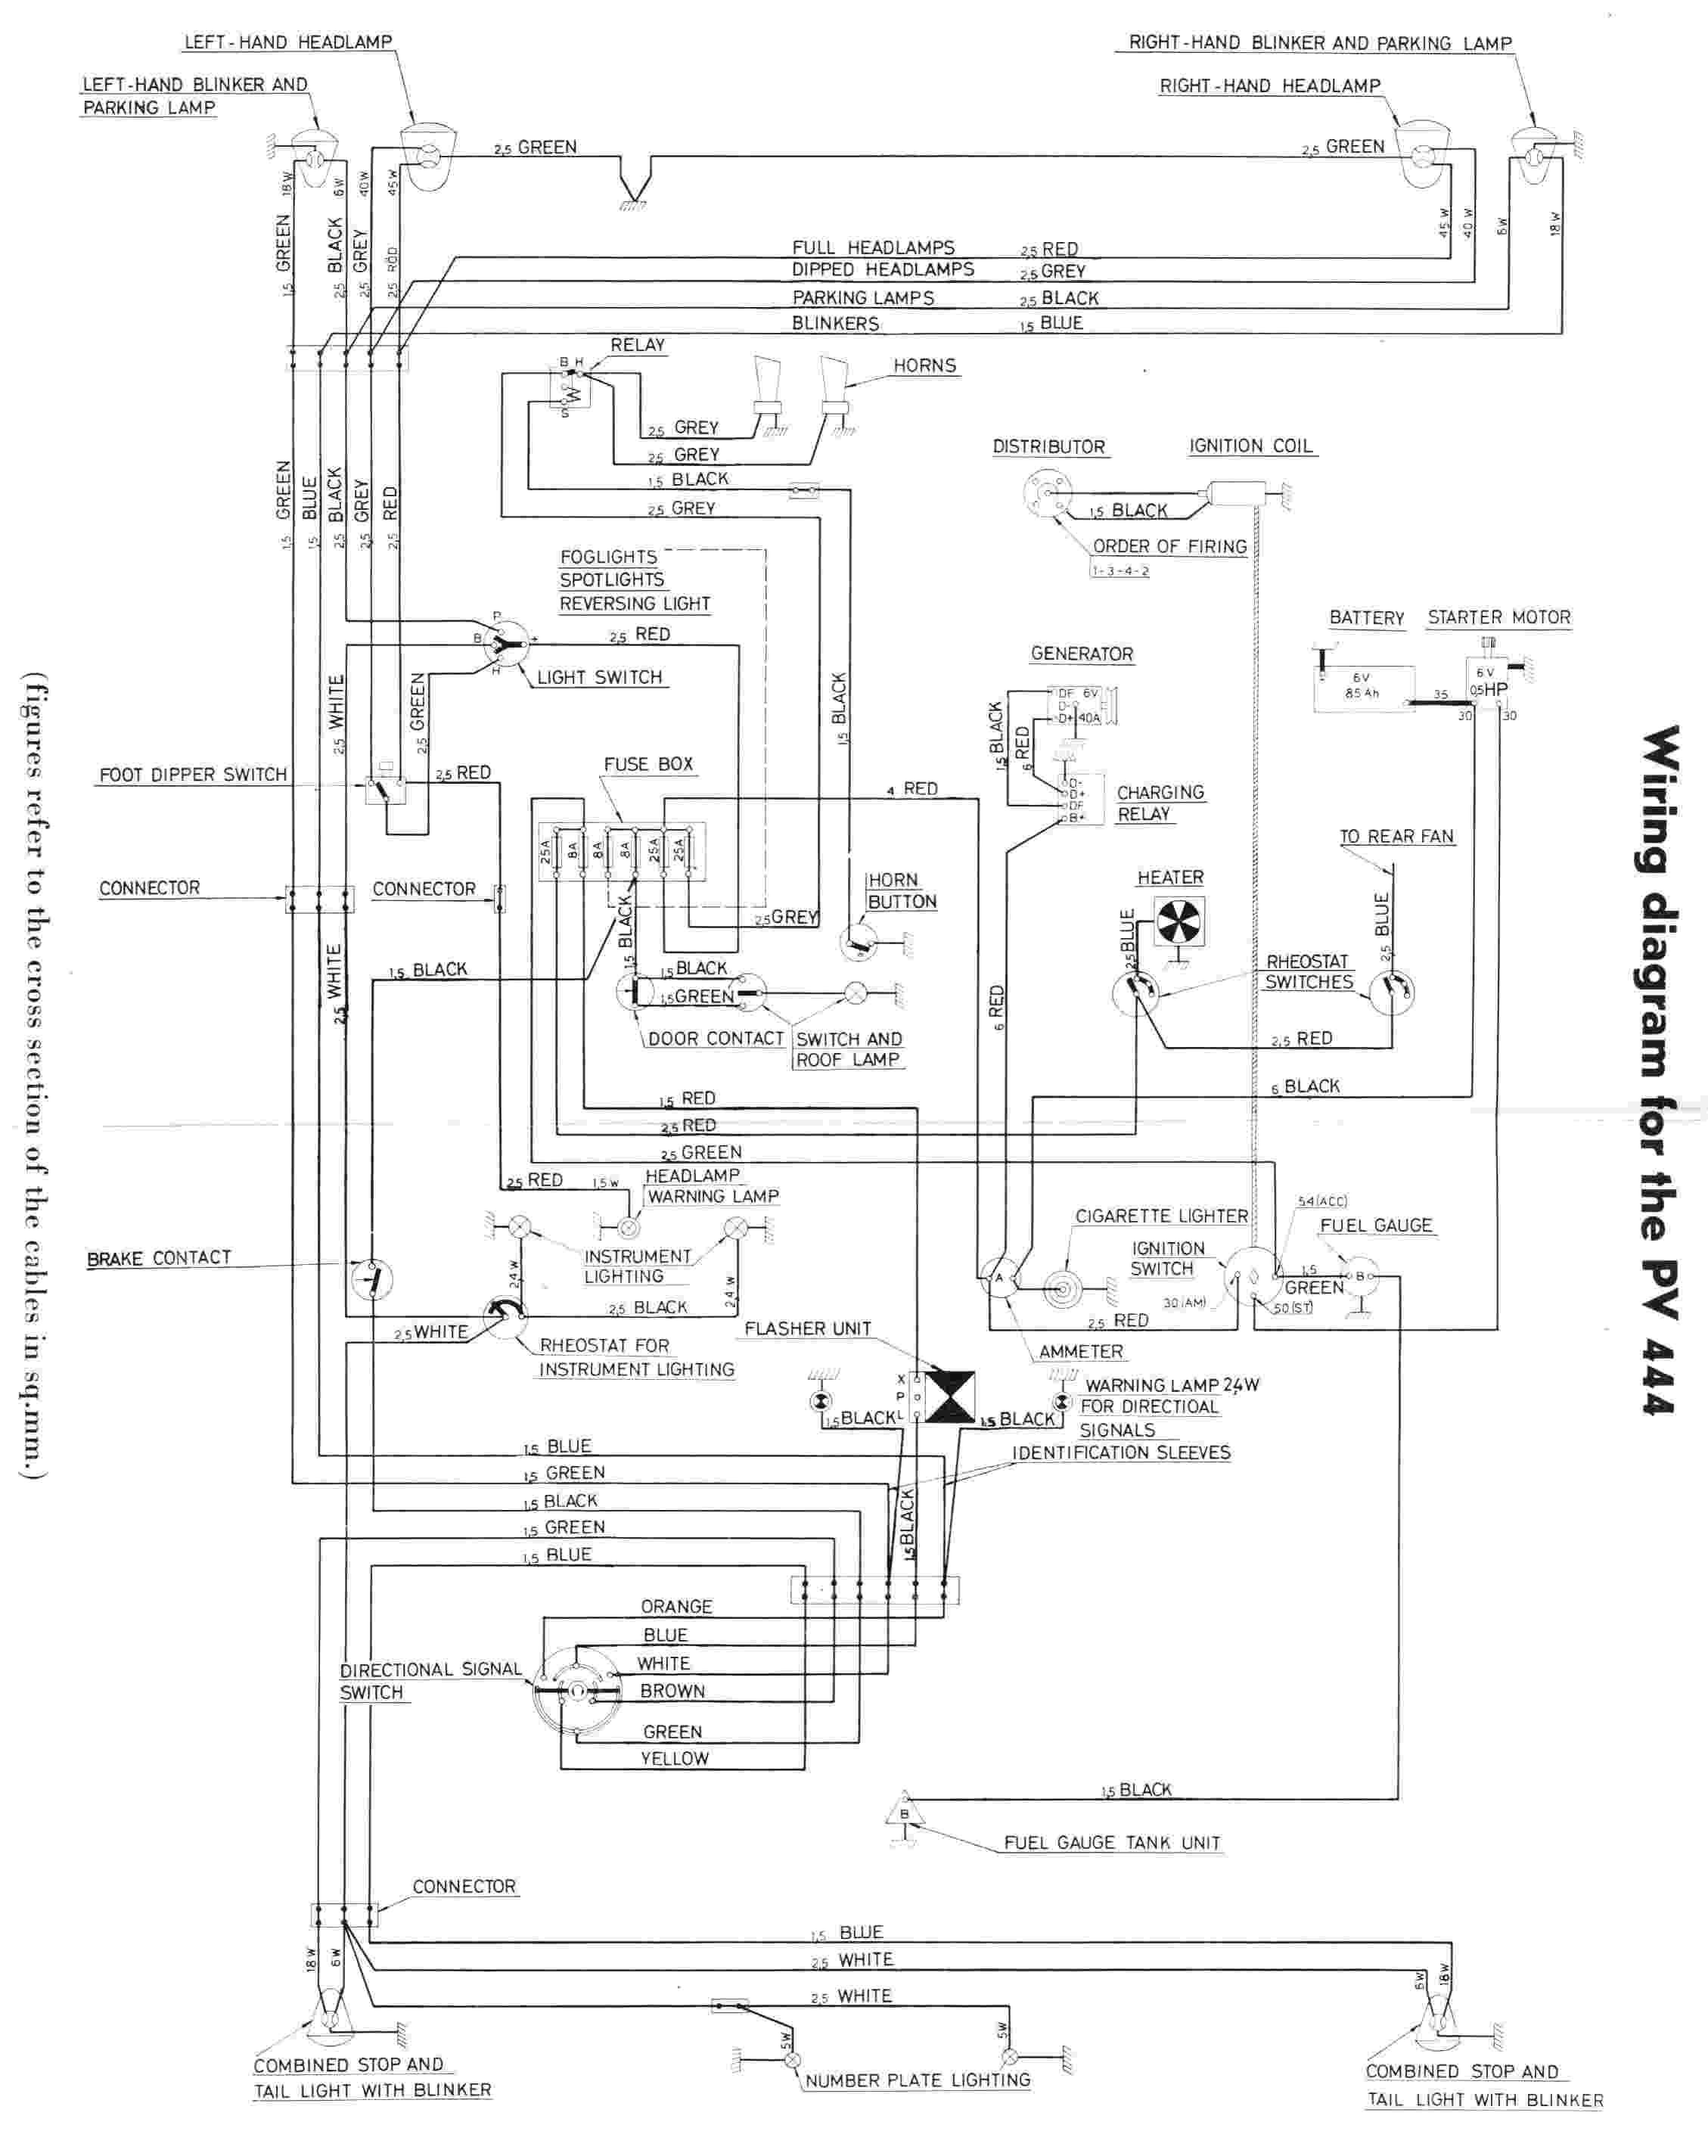 86 mercedes 240 heater relay wiring wiring diagram data rh 7 7 19 mpunkt wolfsburg de